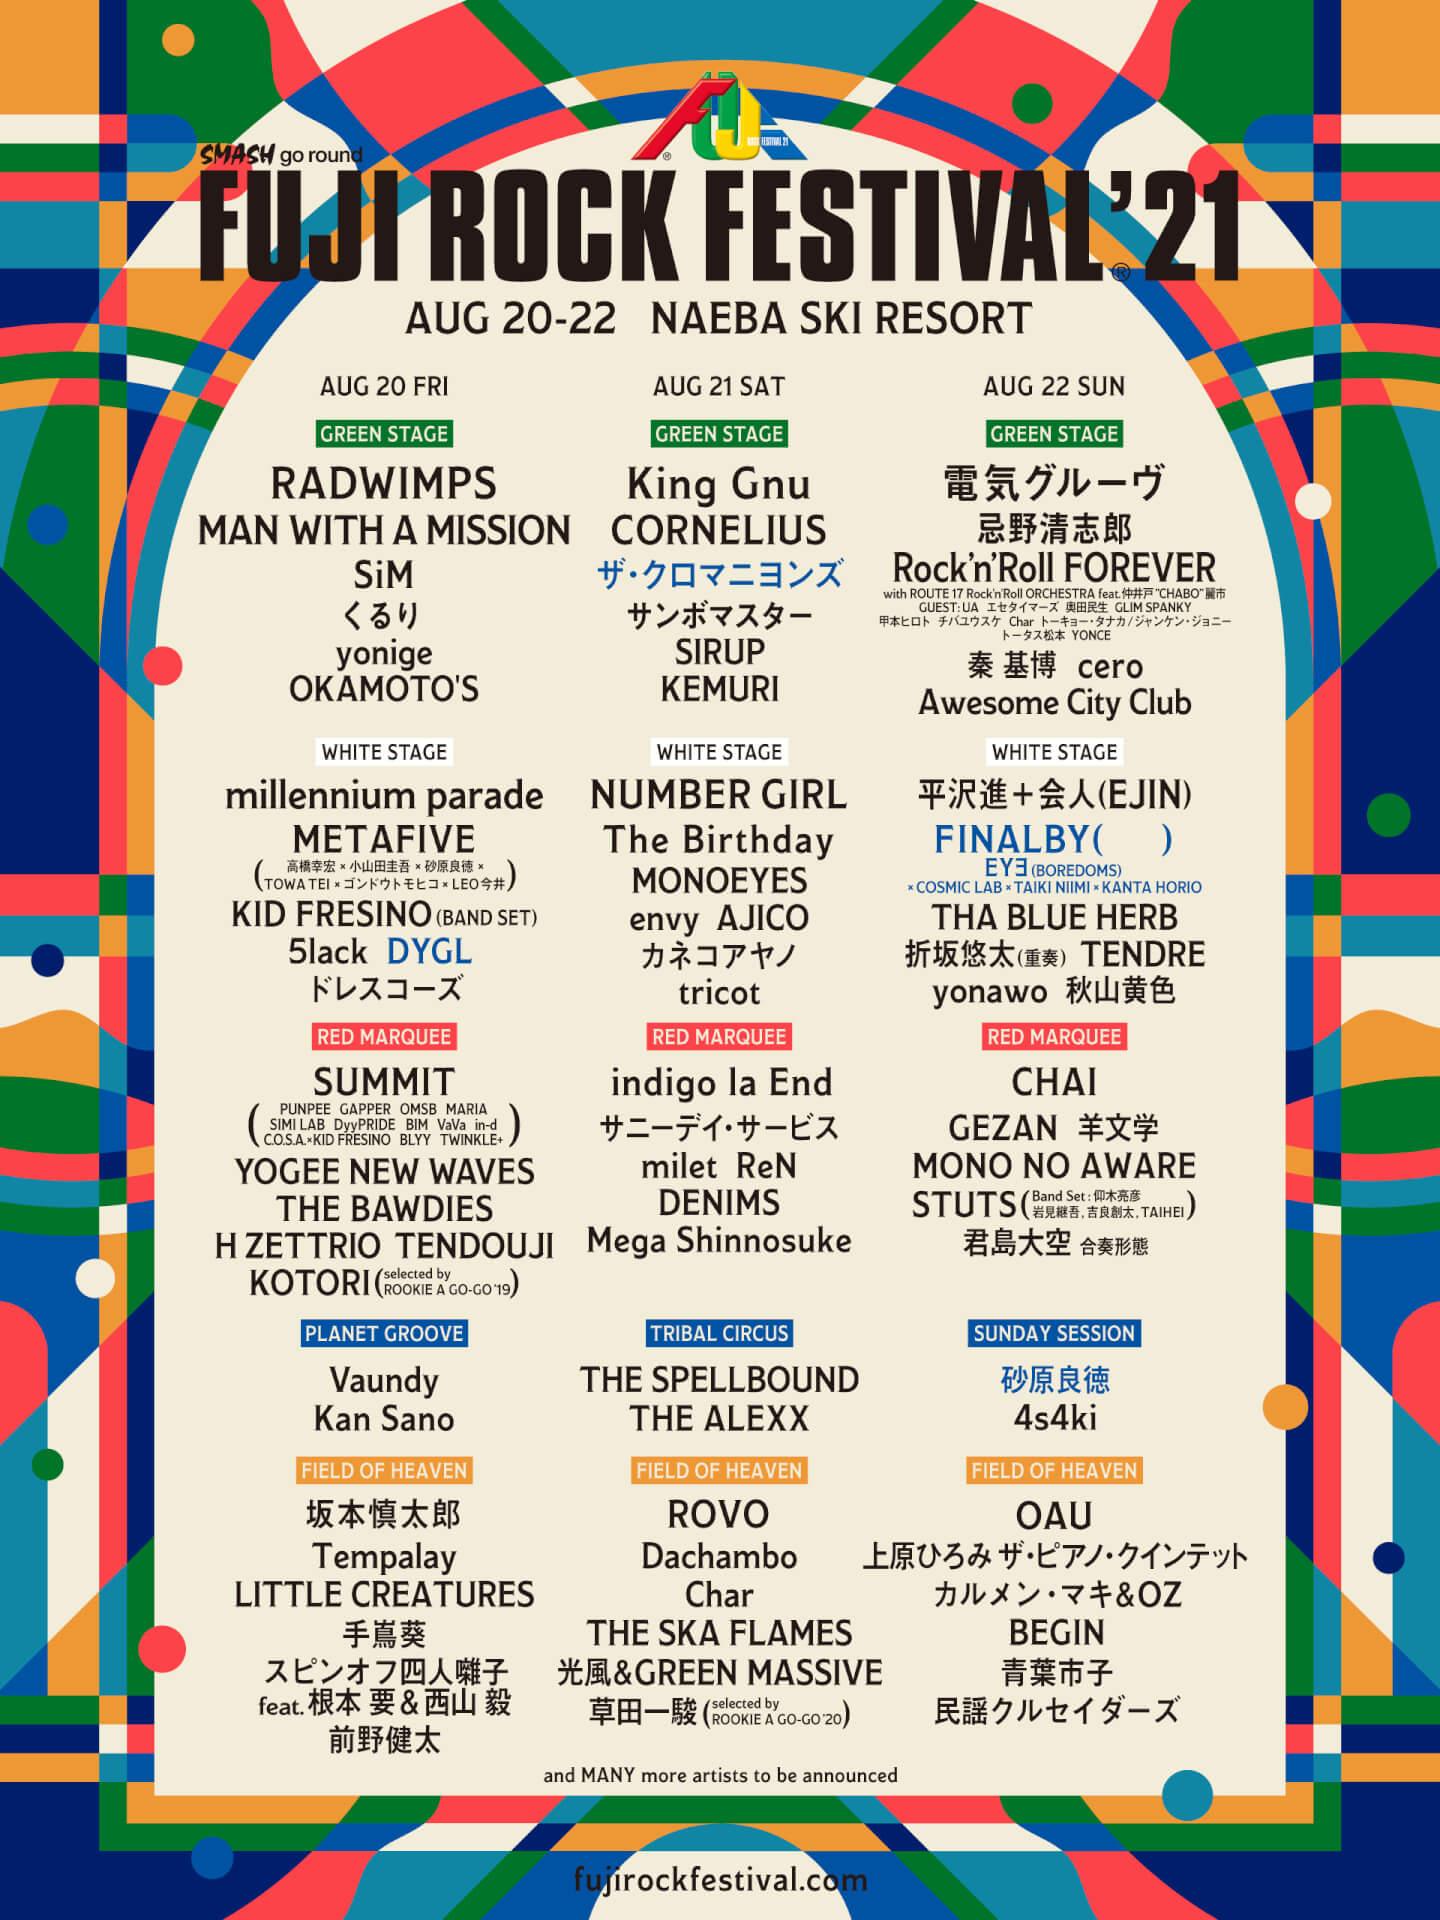 フジロック'21の第3弾出演アーティストとしてDYGL、ザ・クロマニヨンズ、砂原良徳発表!EY∃、COSMIC LABらによるFINALBY(     )も music210618_fujirockfestival21_1